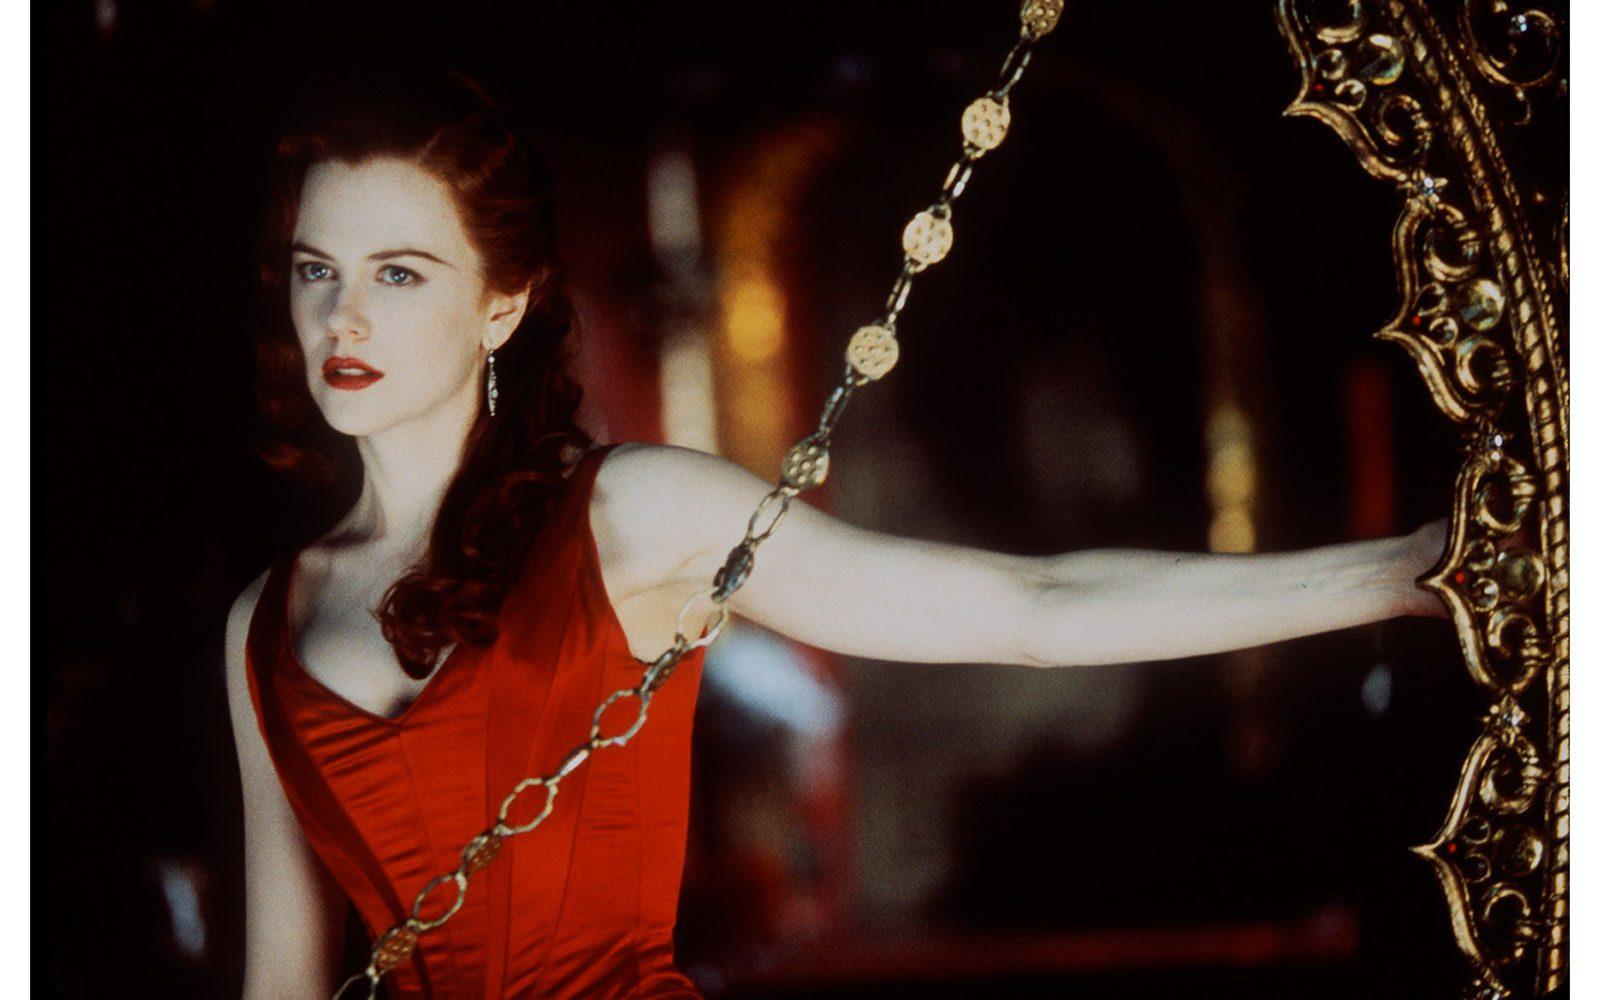 """""""Moulin Rouge!"""" (2001) quasi una ninfetta, con la chioma rossa e la pelle candida incanta tutti nel ruolo della sfortunata Satine, che cantando farà innamorare il bohémien Ewan McGregor"""